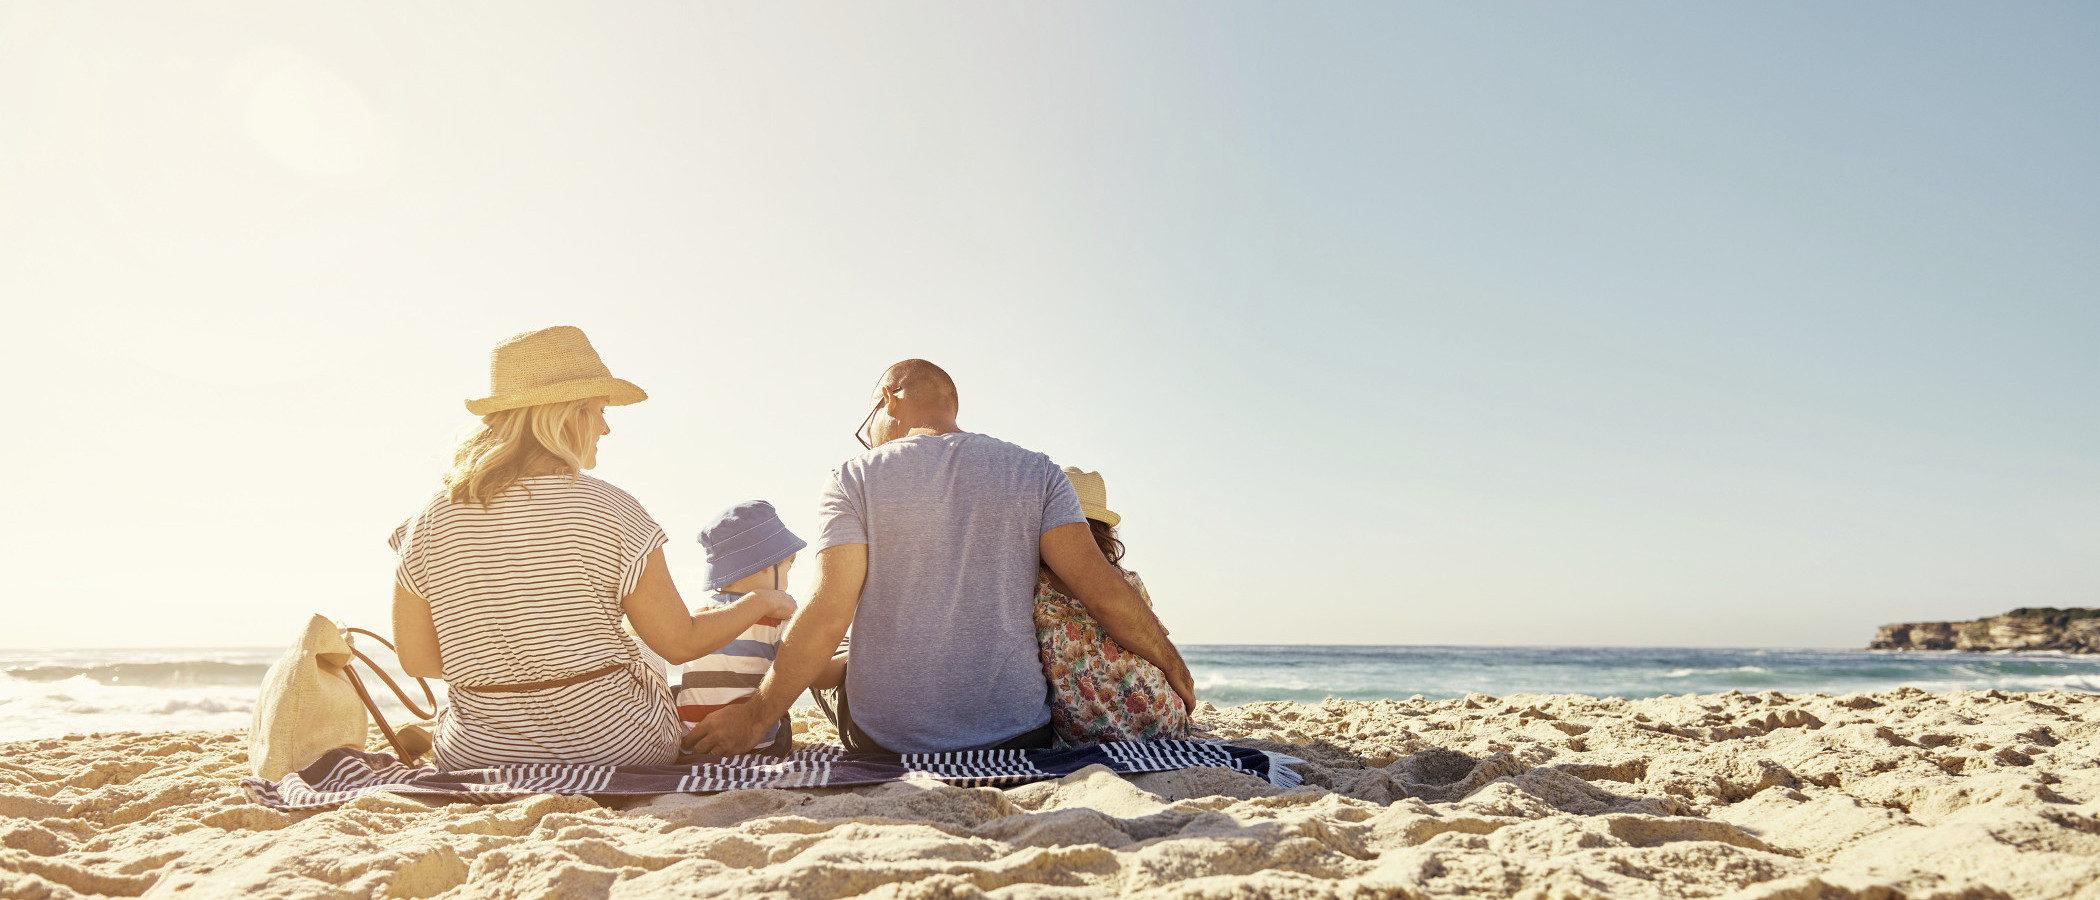 El estrés en familia: claves para vivir con tranquilidad